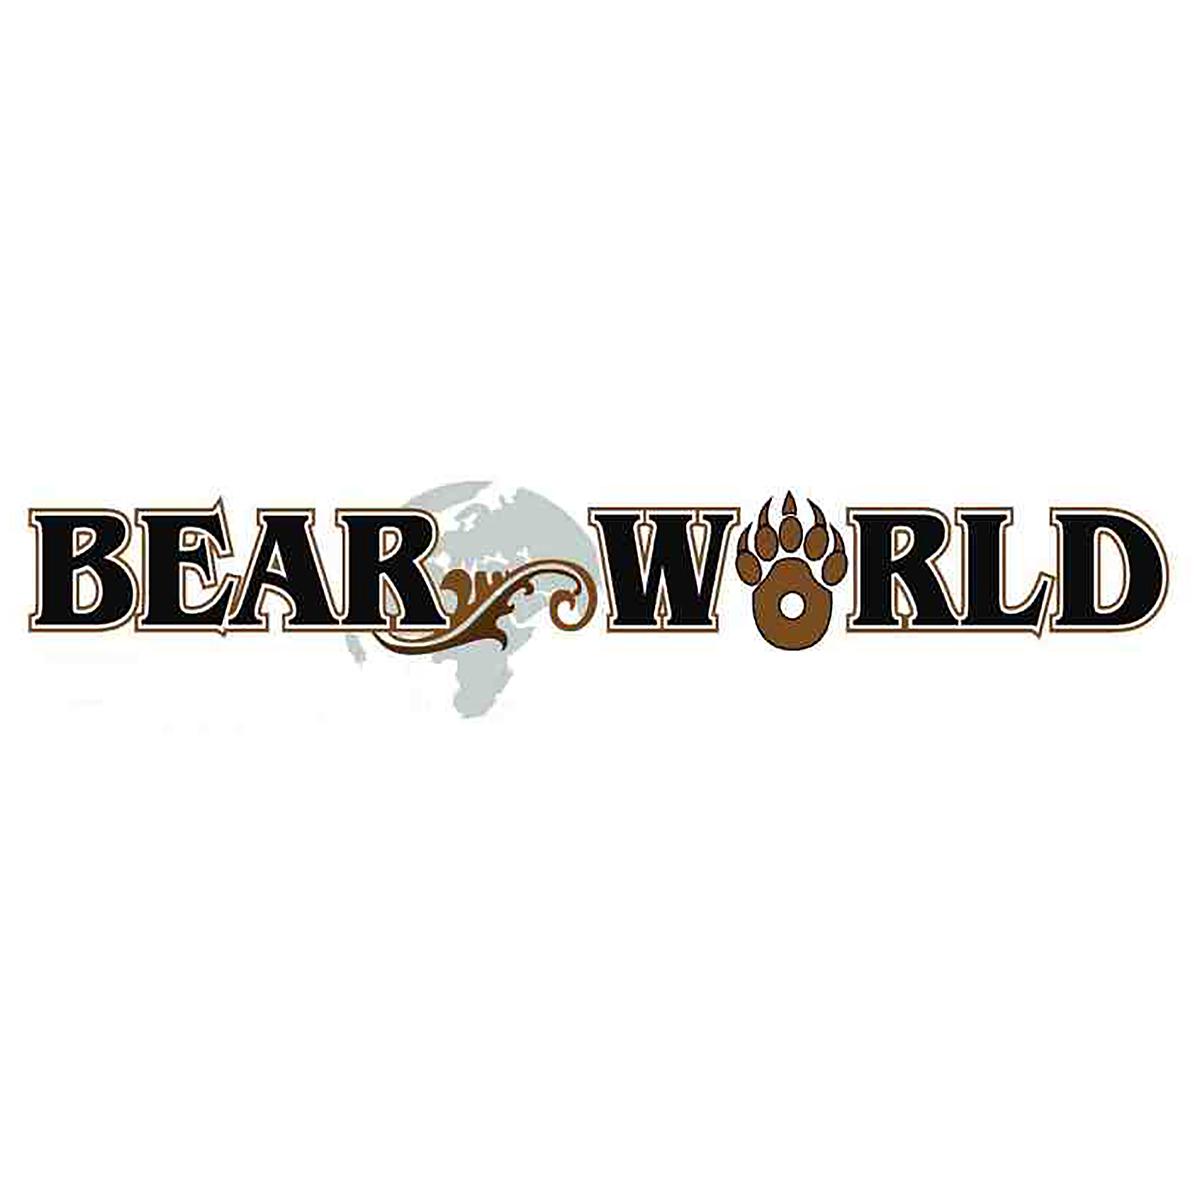 BearWorldLogo.png